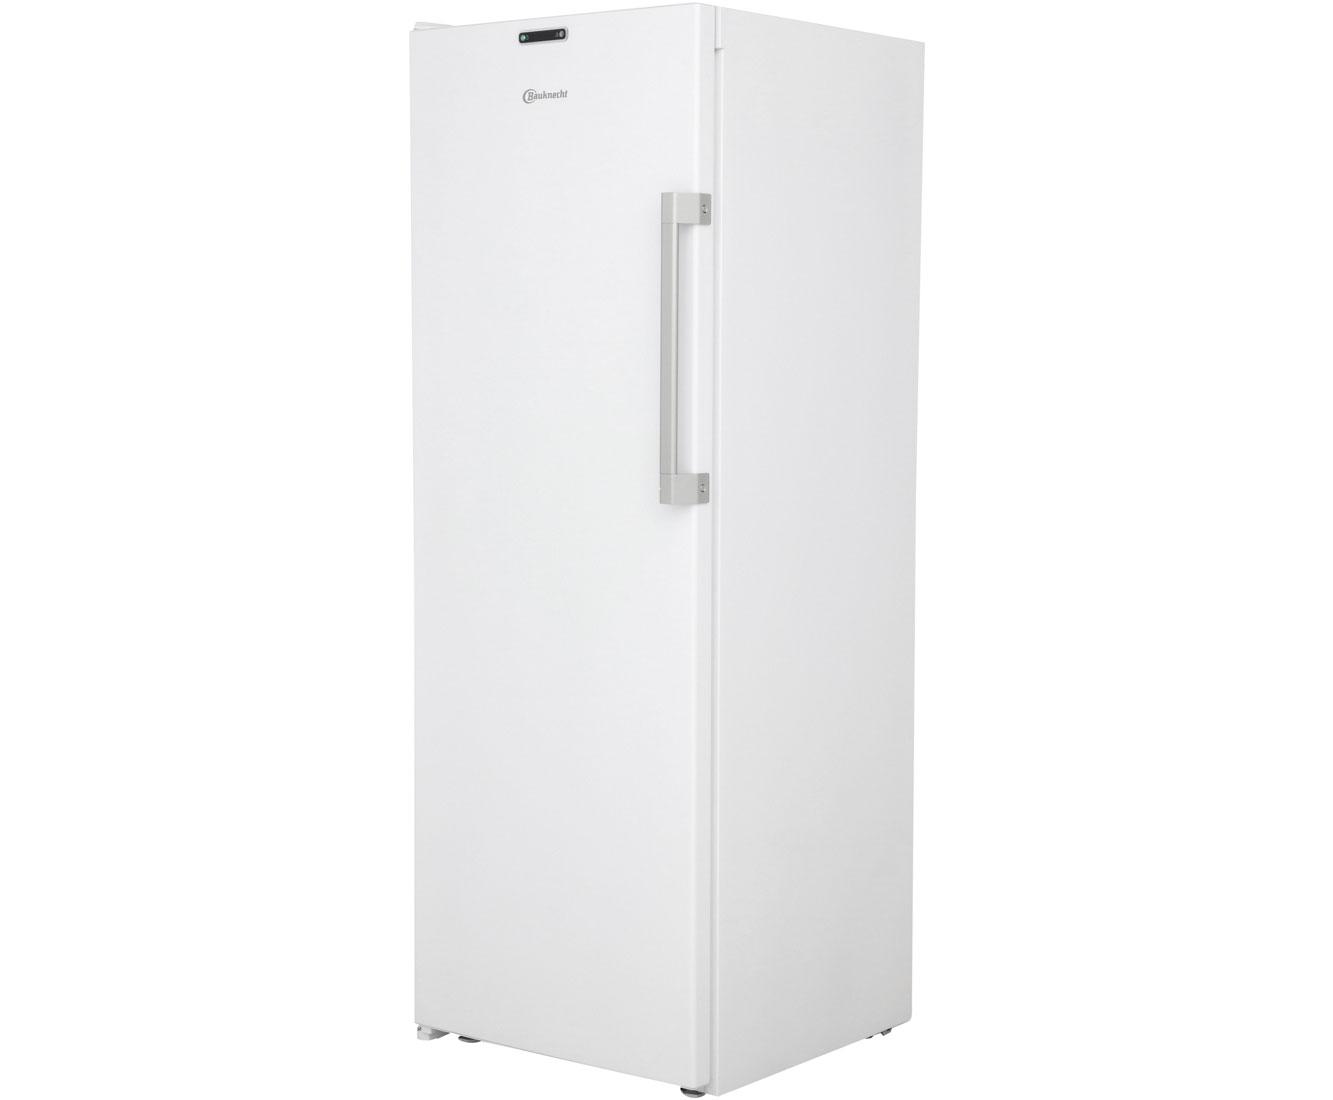 Bomann Kühlschrank Liegend Transportieren : Gefrierschrank constructa preisvergleich u2022 die besten angebote